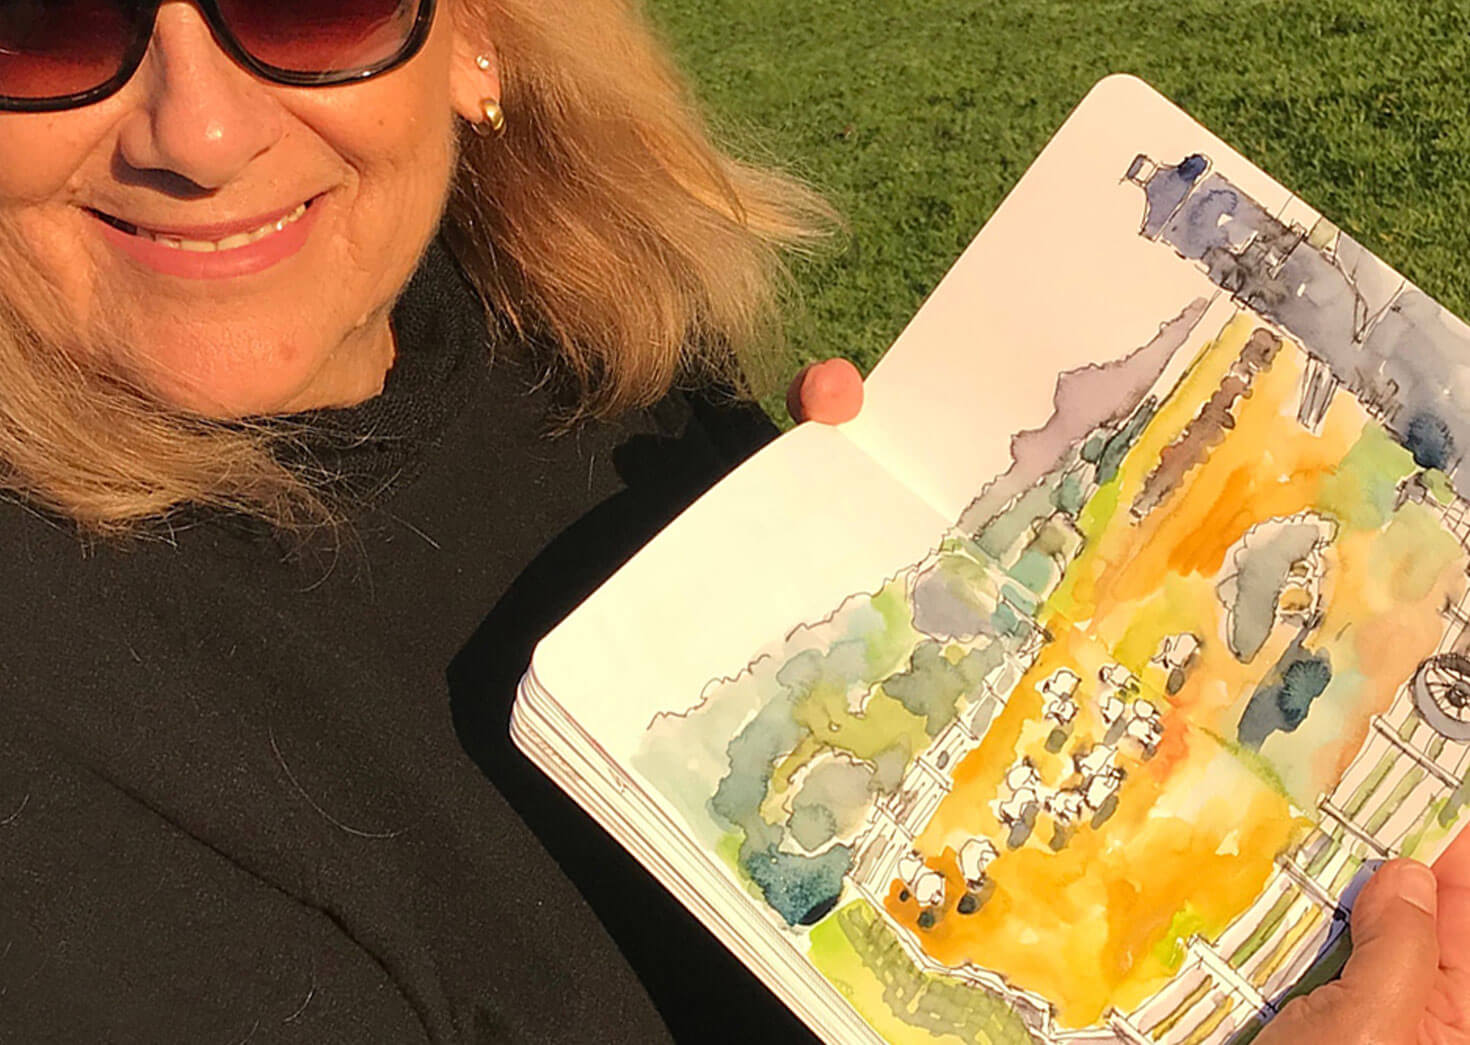 Stephanie's sketch book